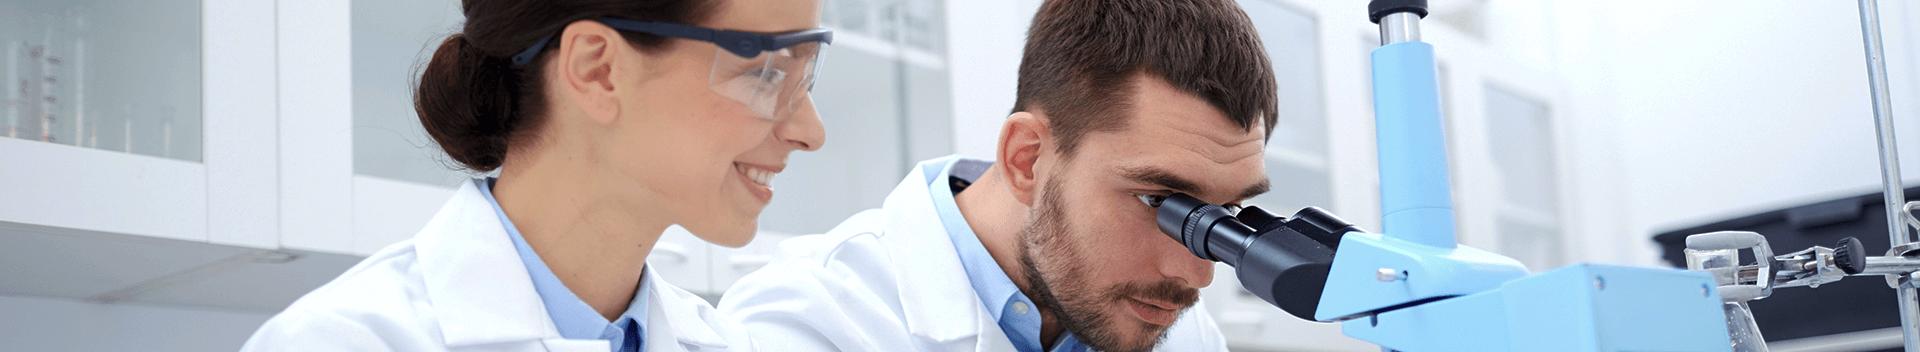 Focada exclusivamente no desenvolvimento,                                          produção e promoção de produtos farmacêuticos especializados